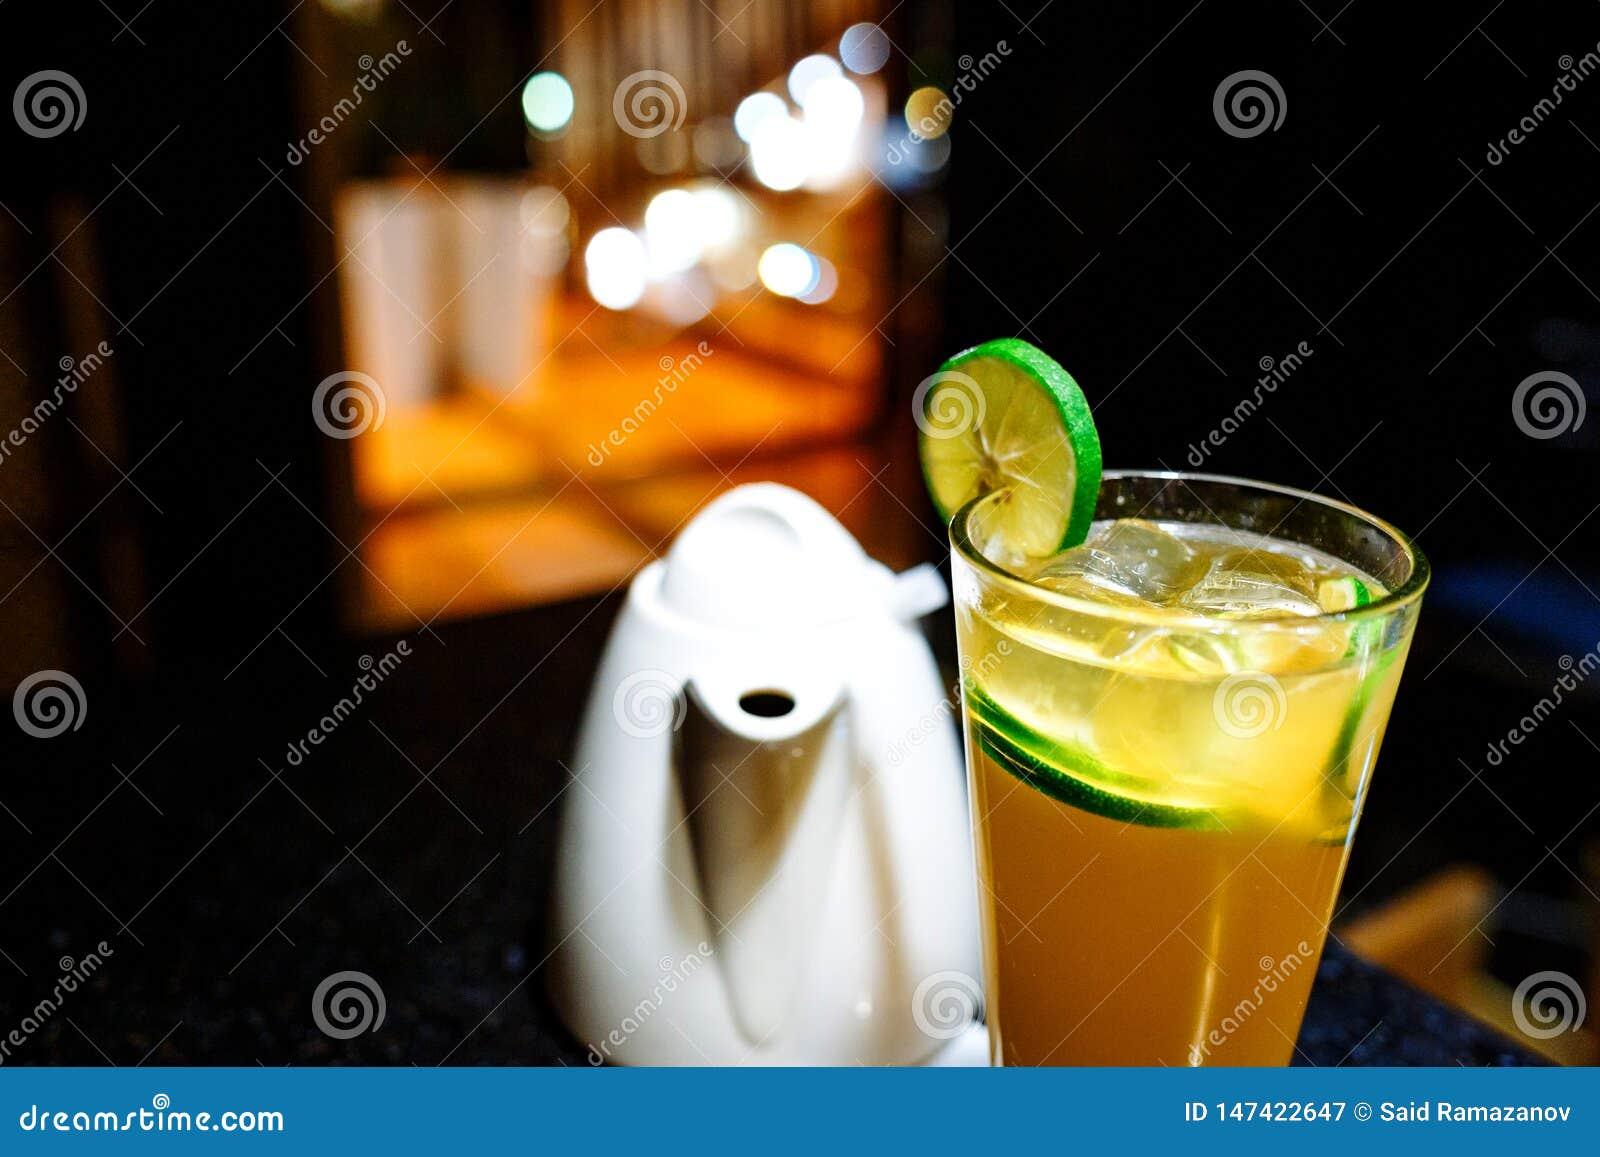 Оранжевый коктейль с известкой и чайником на темной предпосылке